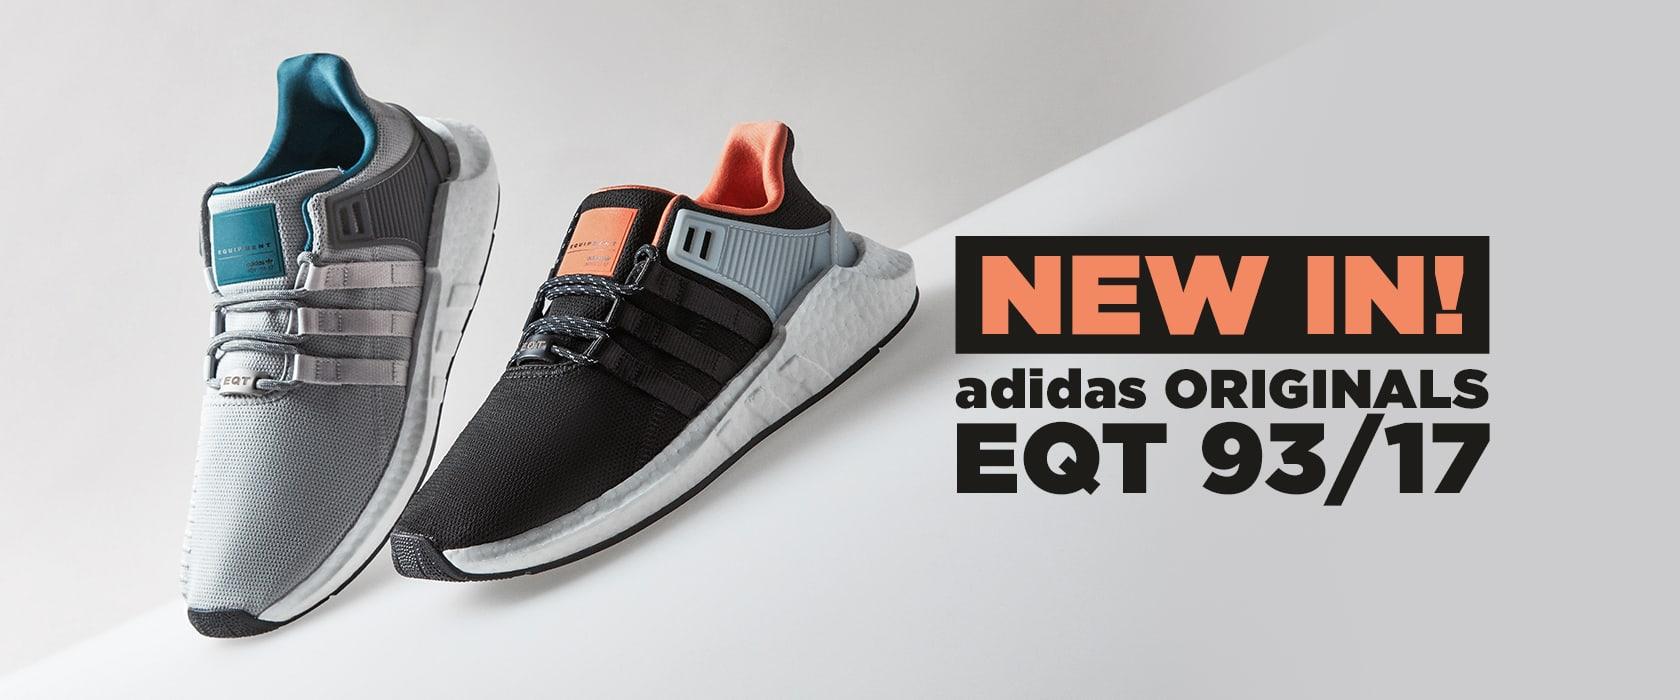 adidas-originals-eqt-93-17